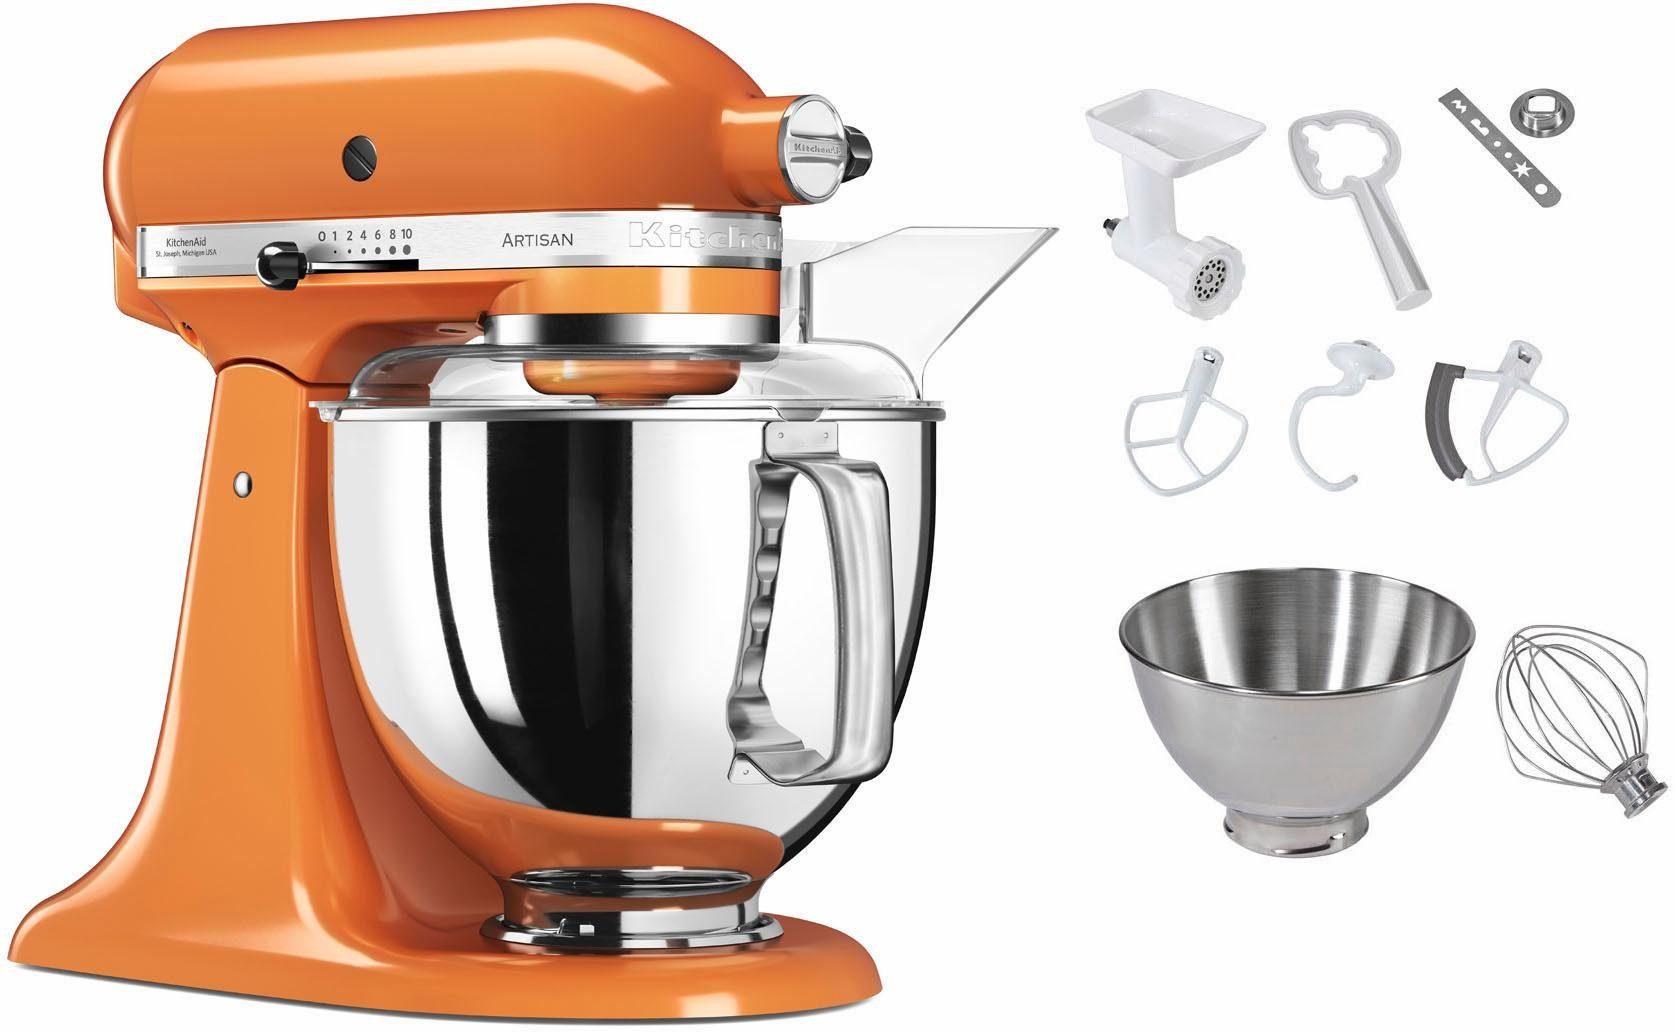 KitchenAid Küchenmaschine 5KSM150PSETG Artisan, 300 W, 4,83 l Schüssel, inkl. Sonderzubehör im Wert von ca. 112,-€ UVP